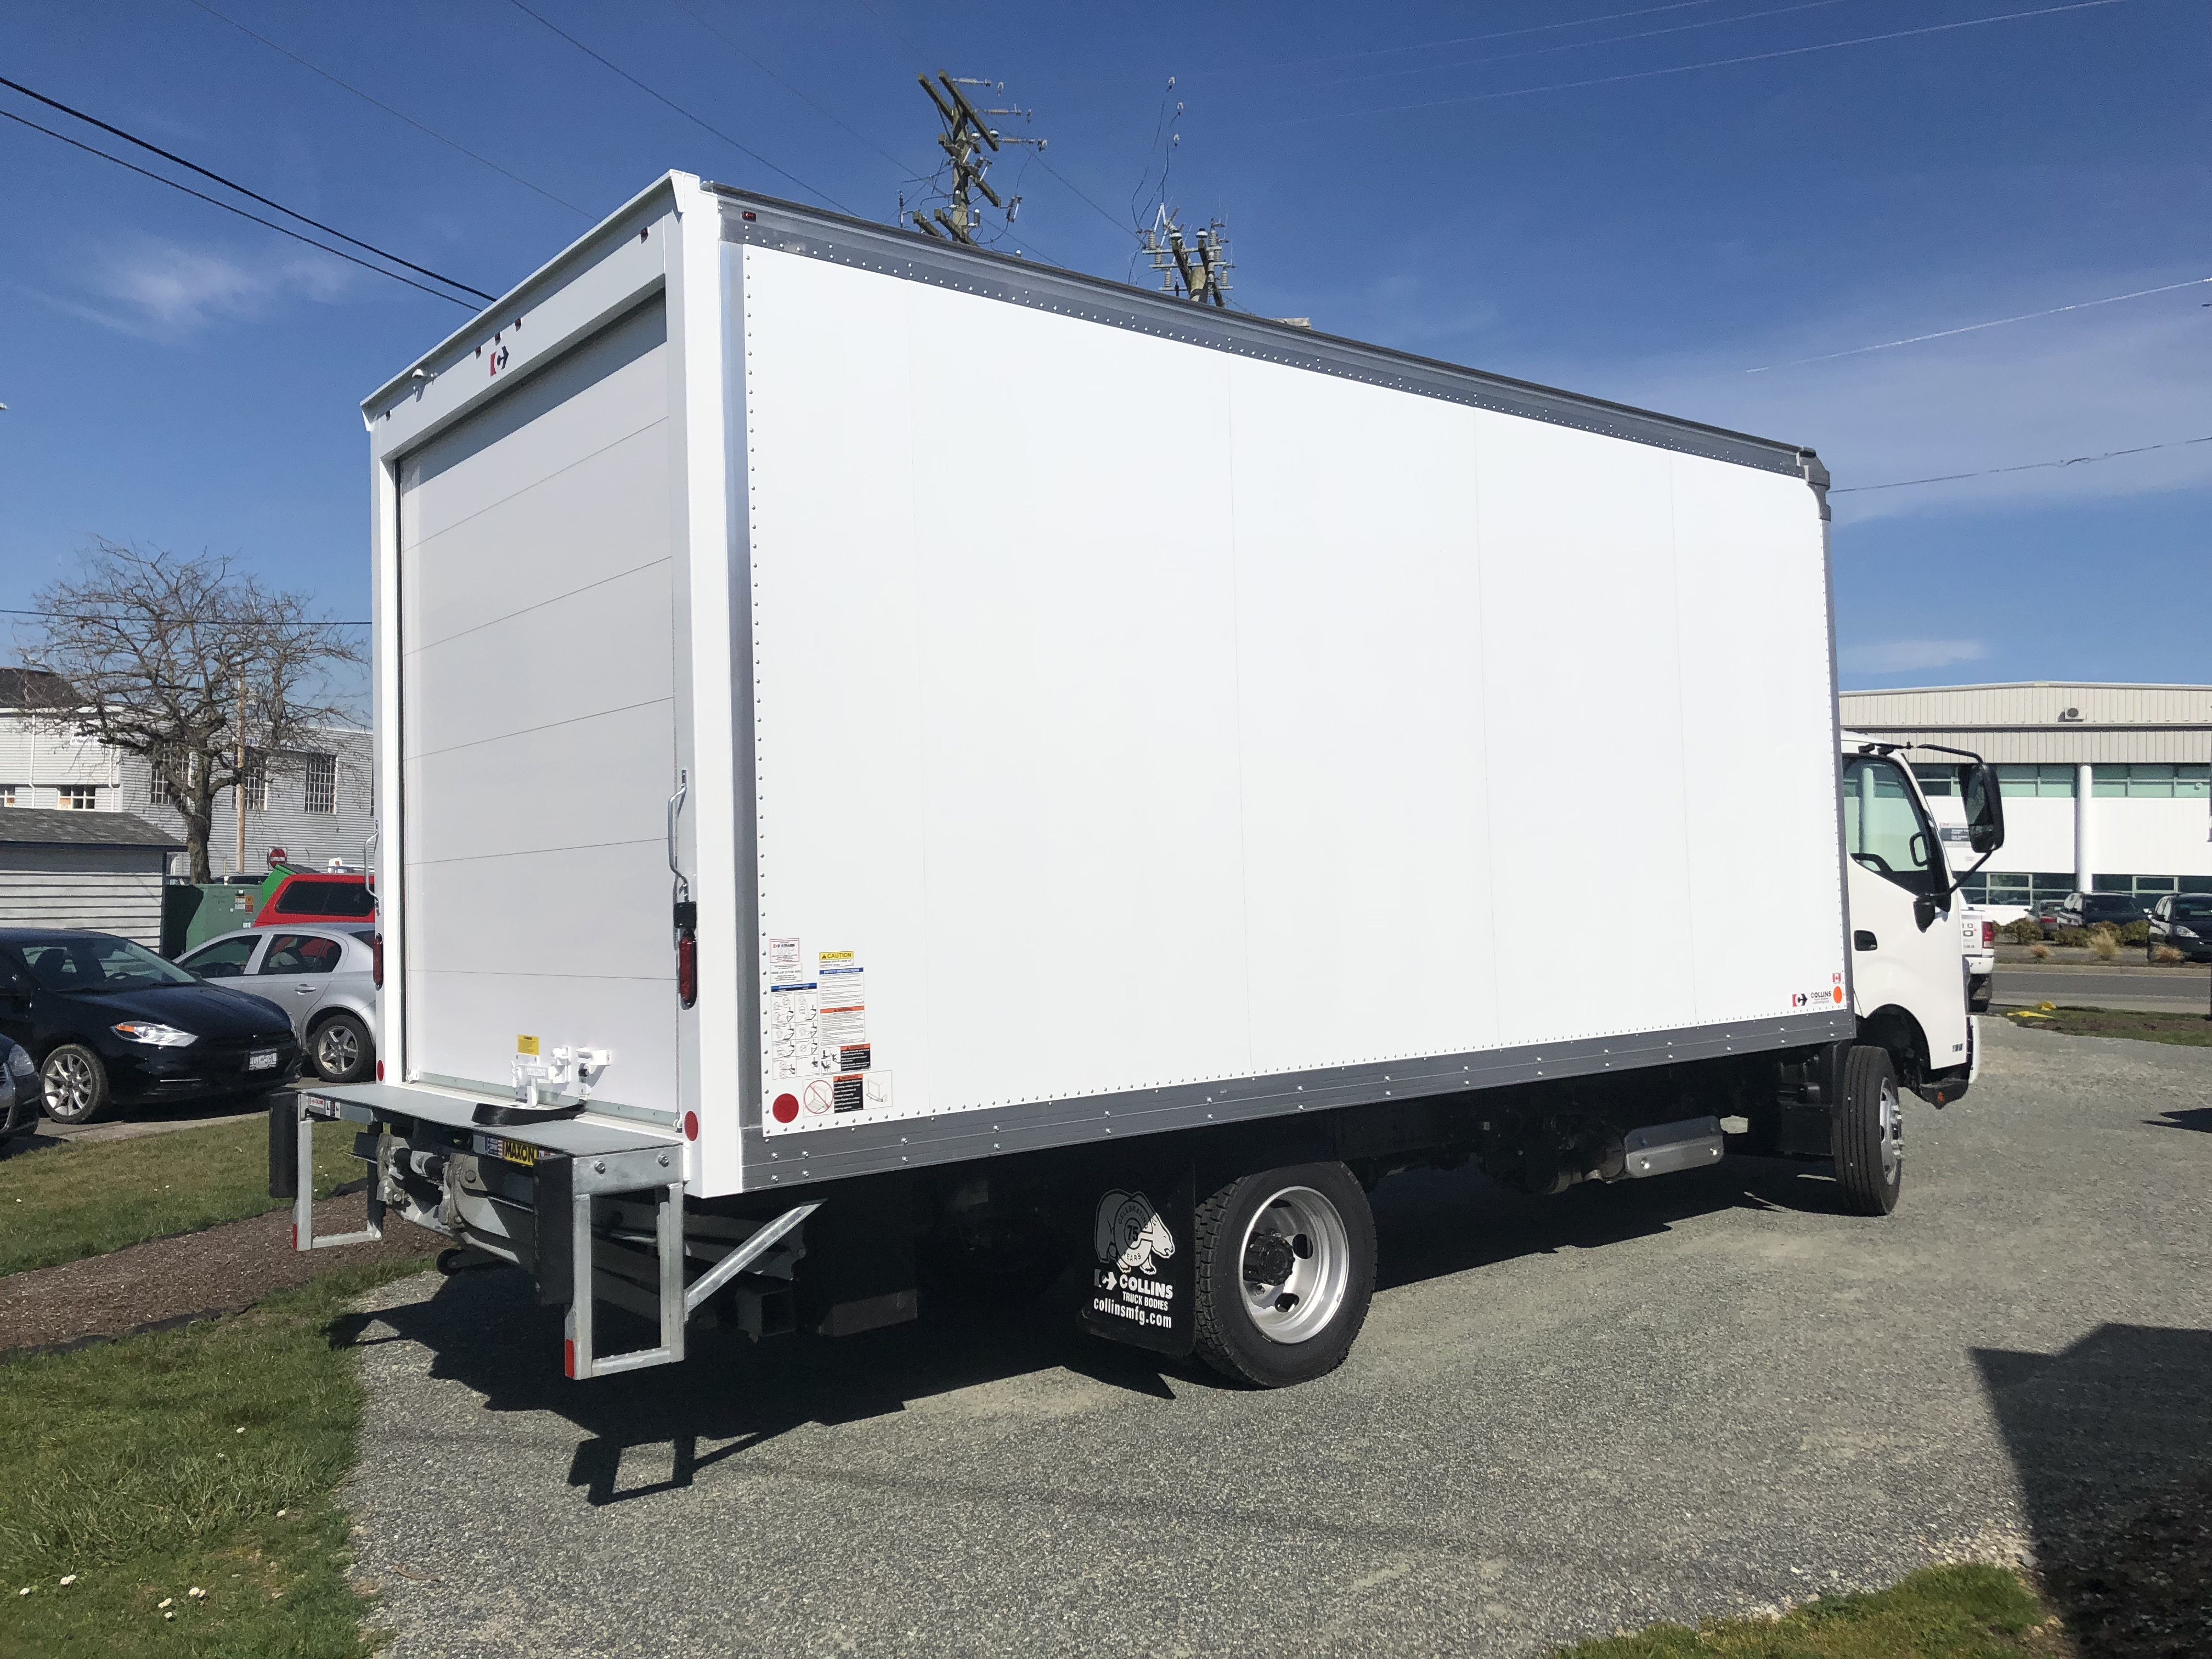 2019 Hino 195 with 18' Dry Van & Power Lift Gate - $1,390 20